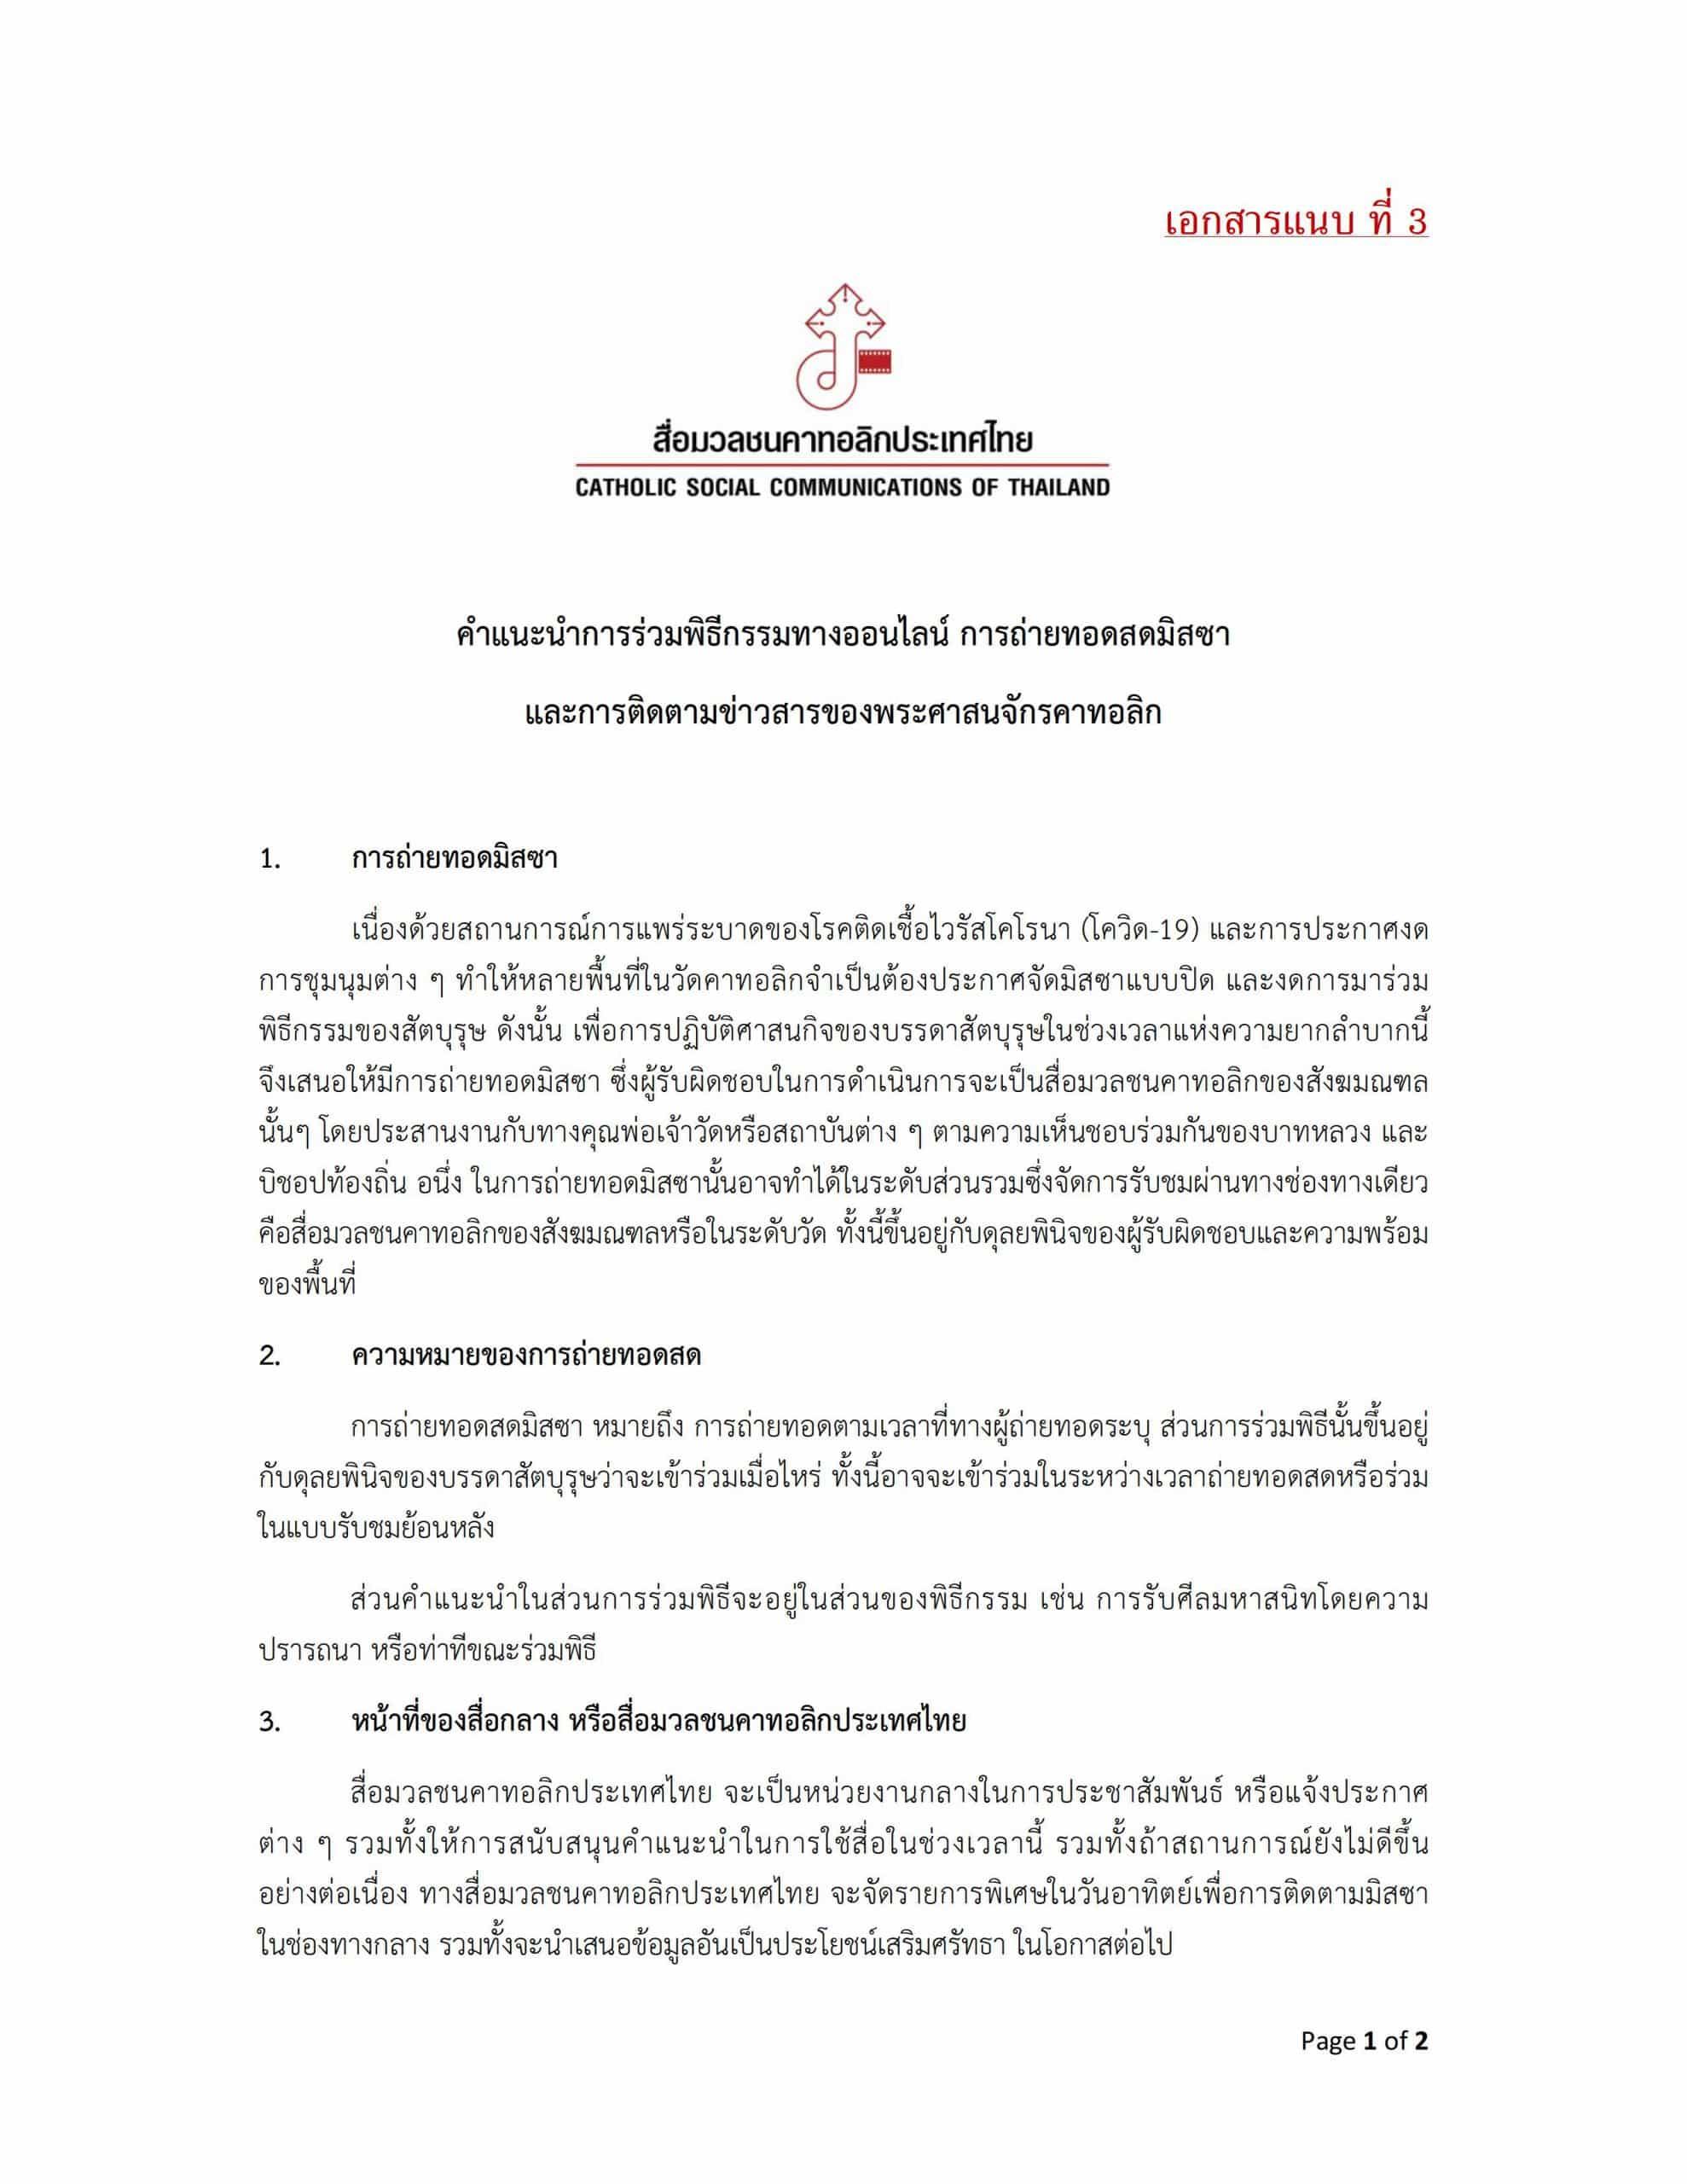 สาสน์อภิบาล เลขที่ สสท. 032-2020 (13)